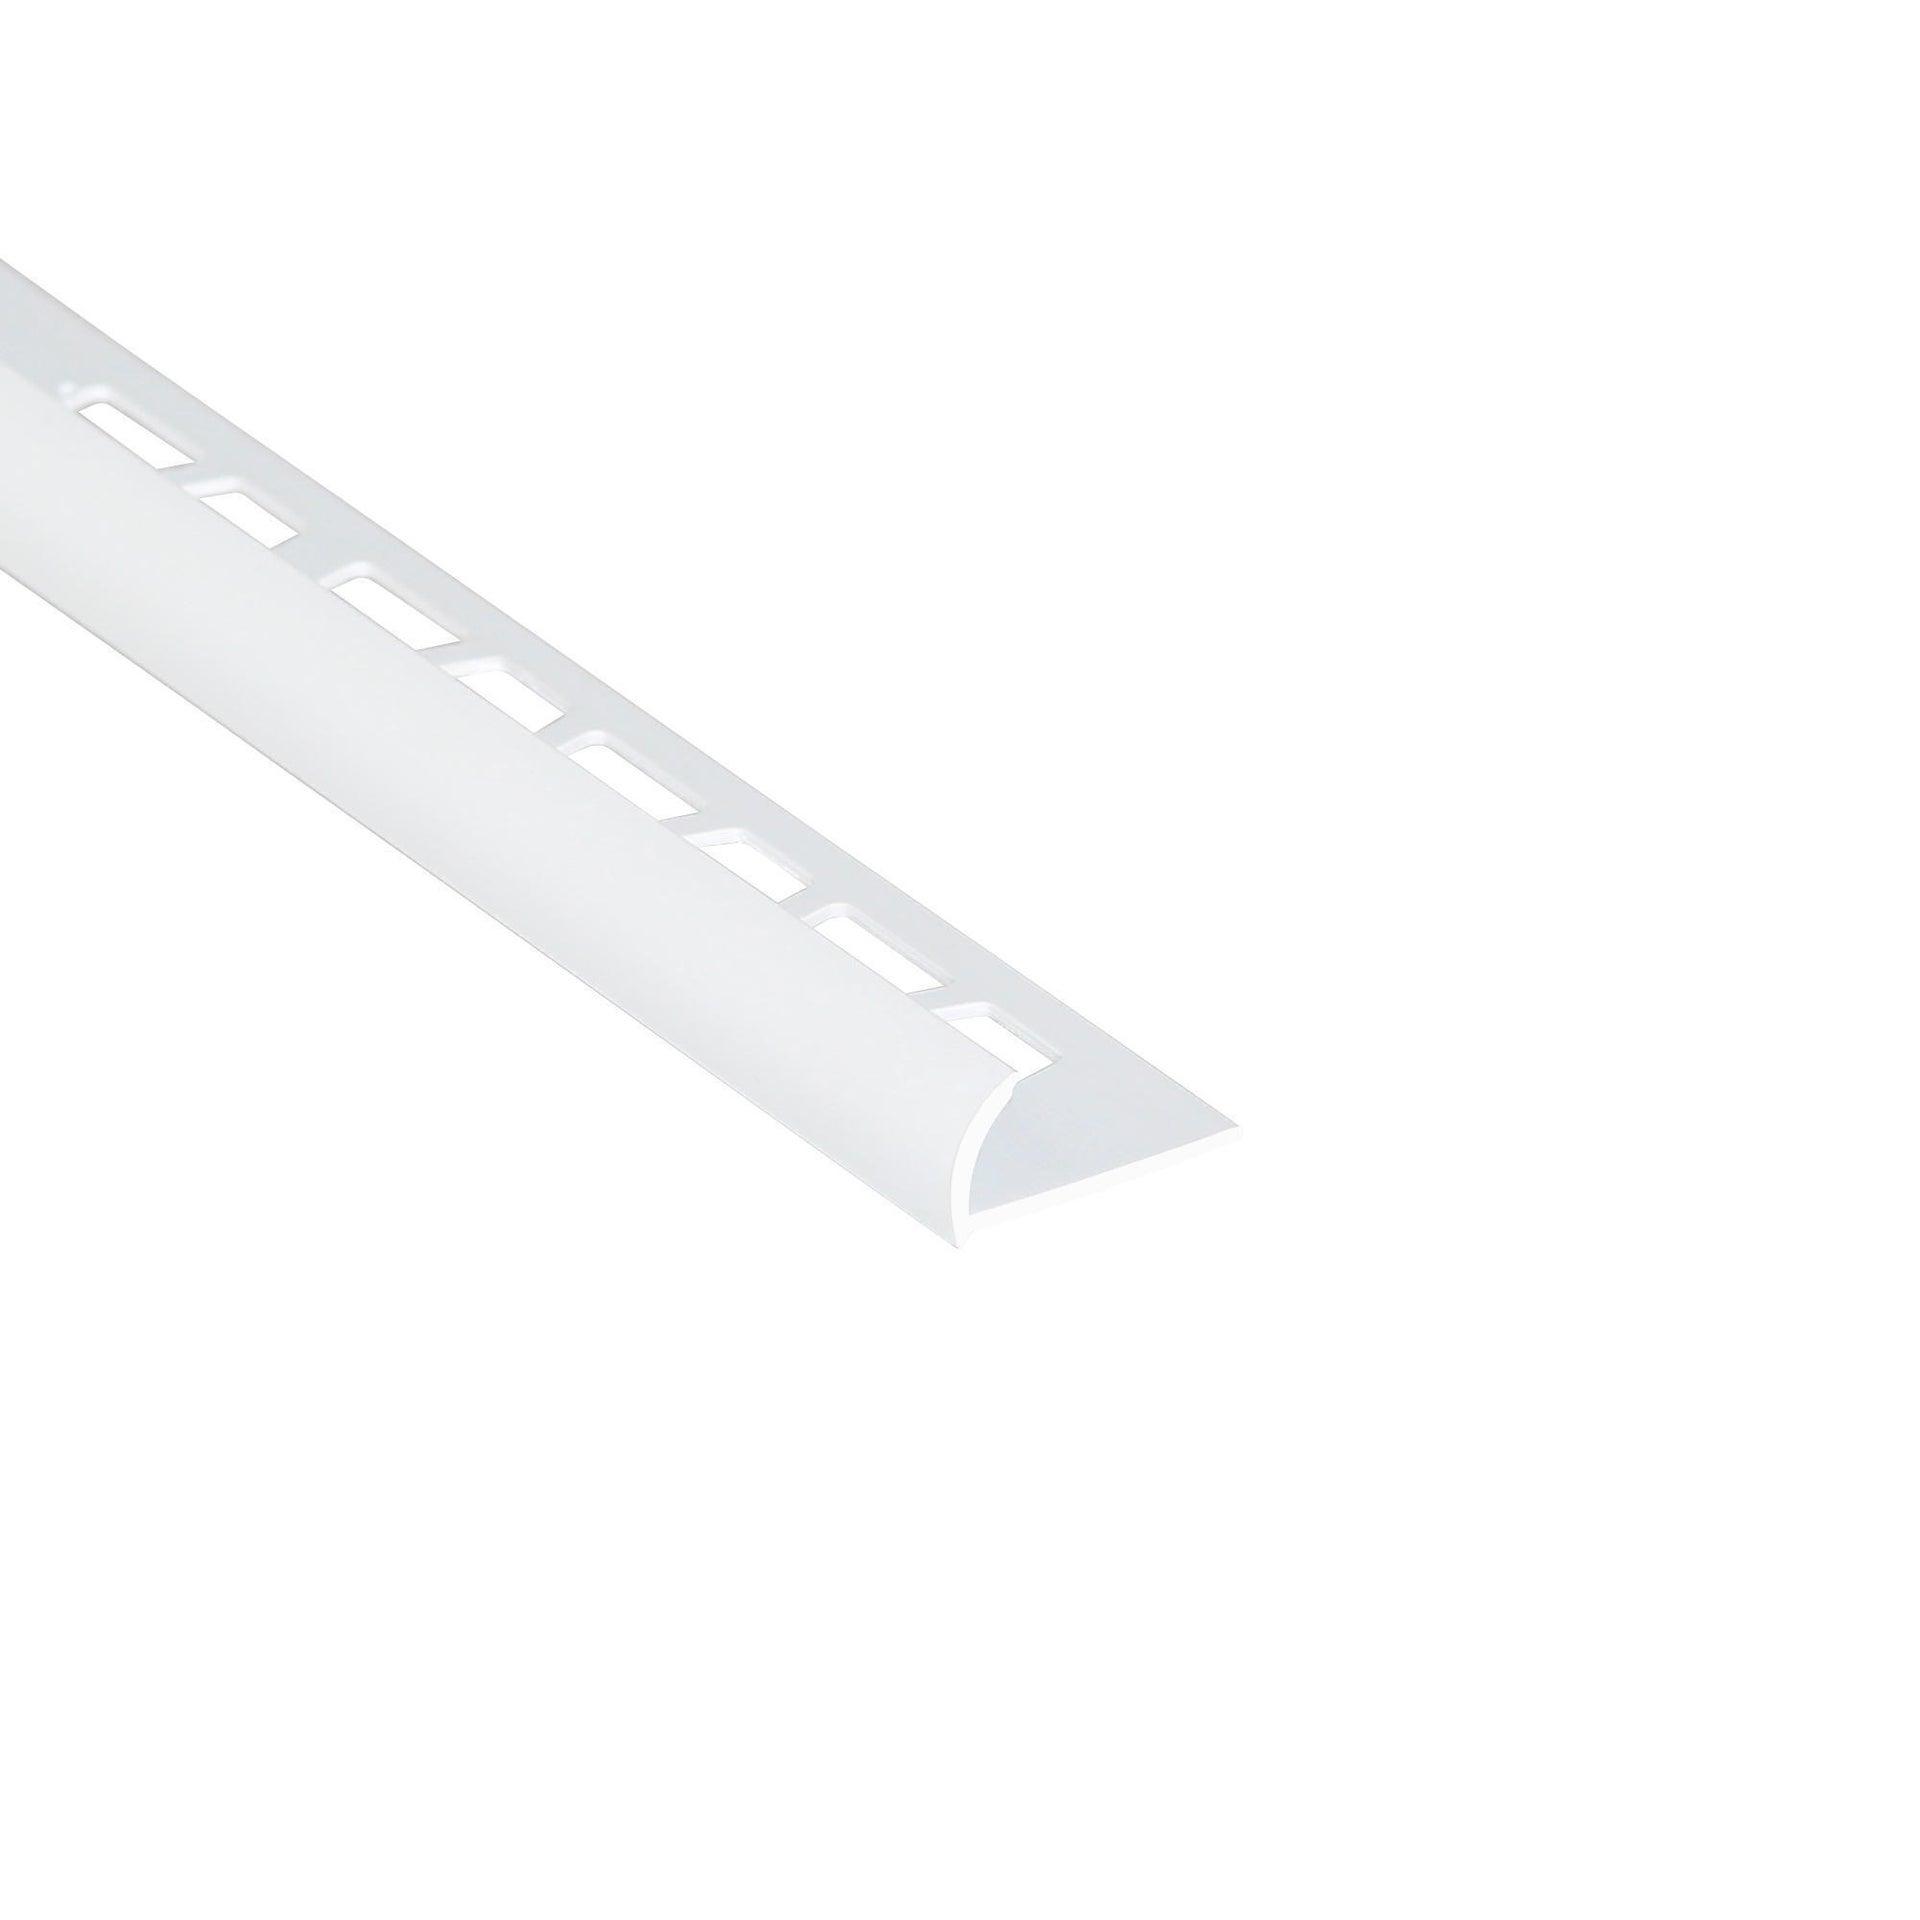 Profilo angolare interno in pvc Sp 25 mm L 250 cm bianco - 3